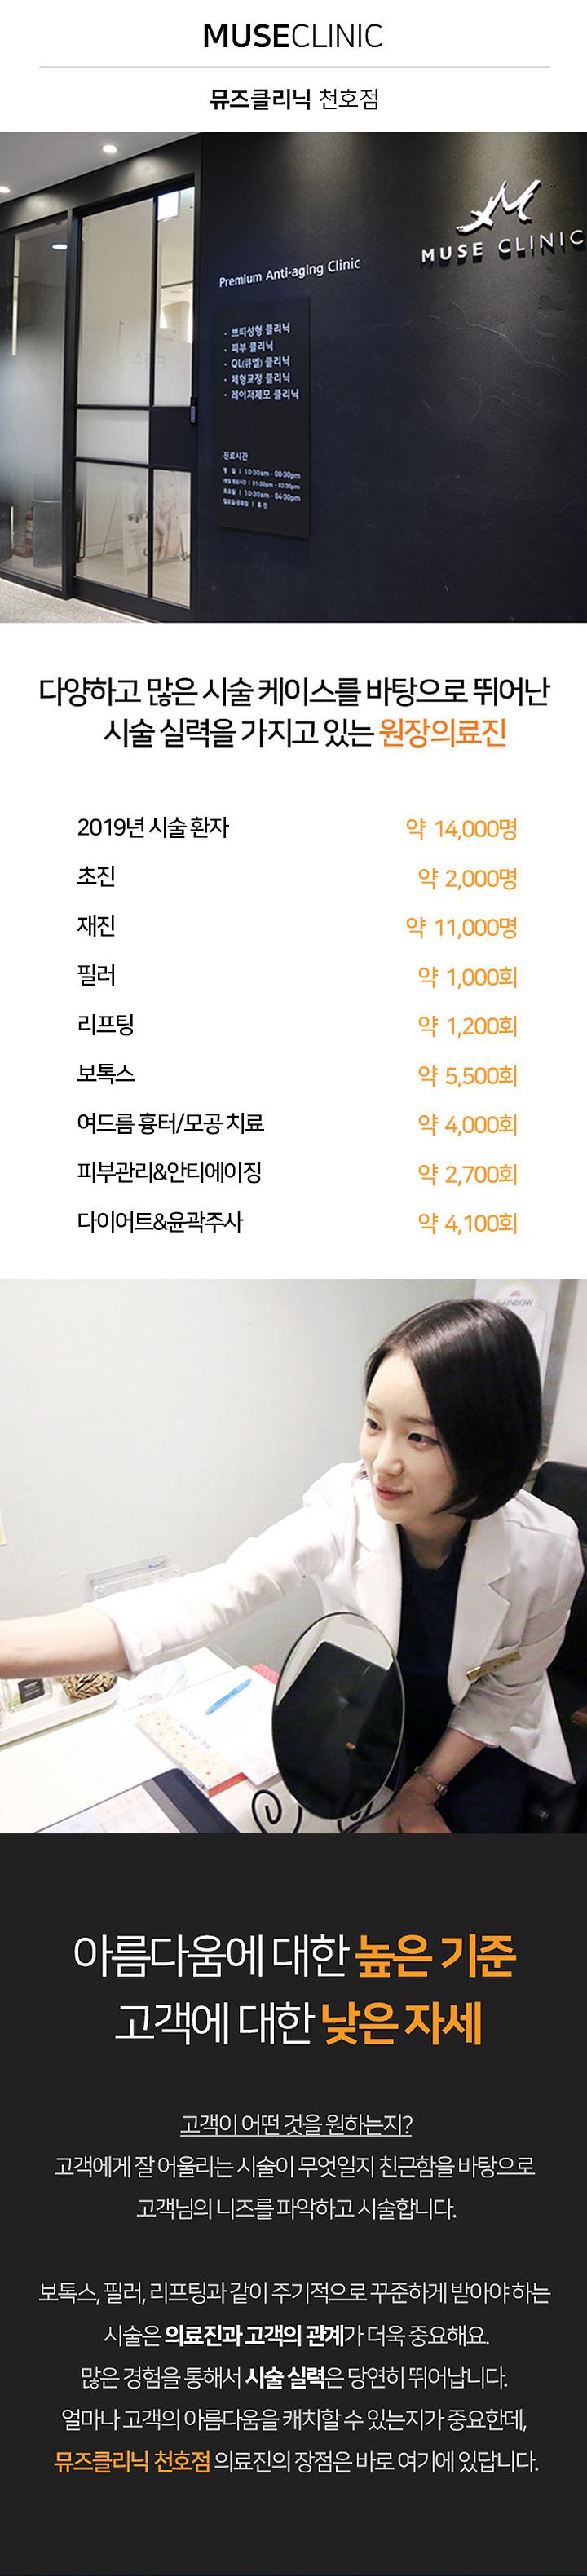 뮤즈클리닉 천호점 - 소개